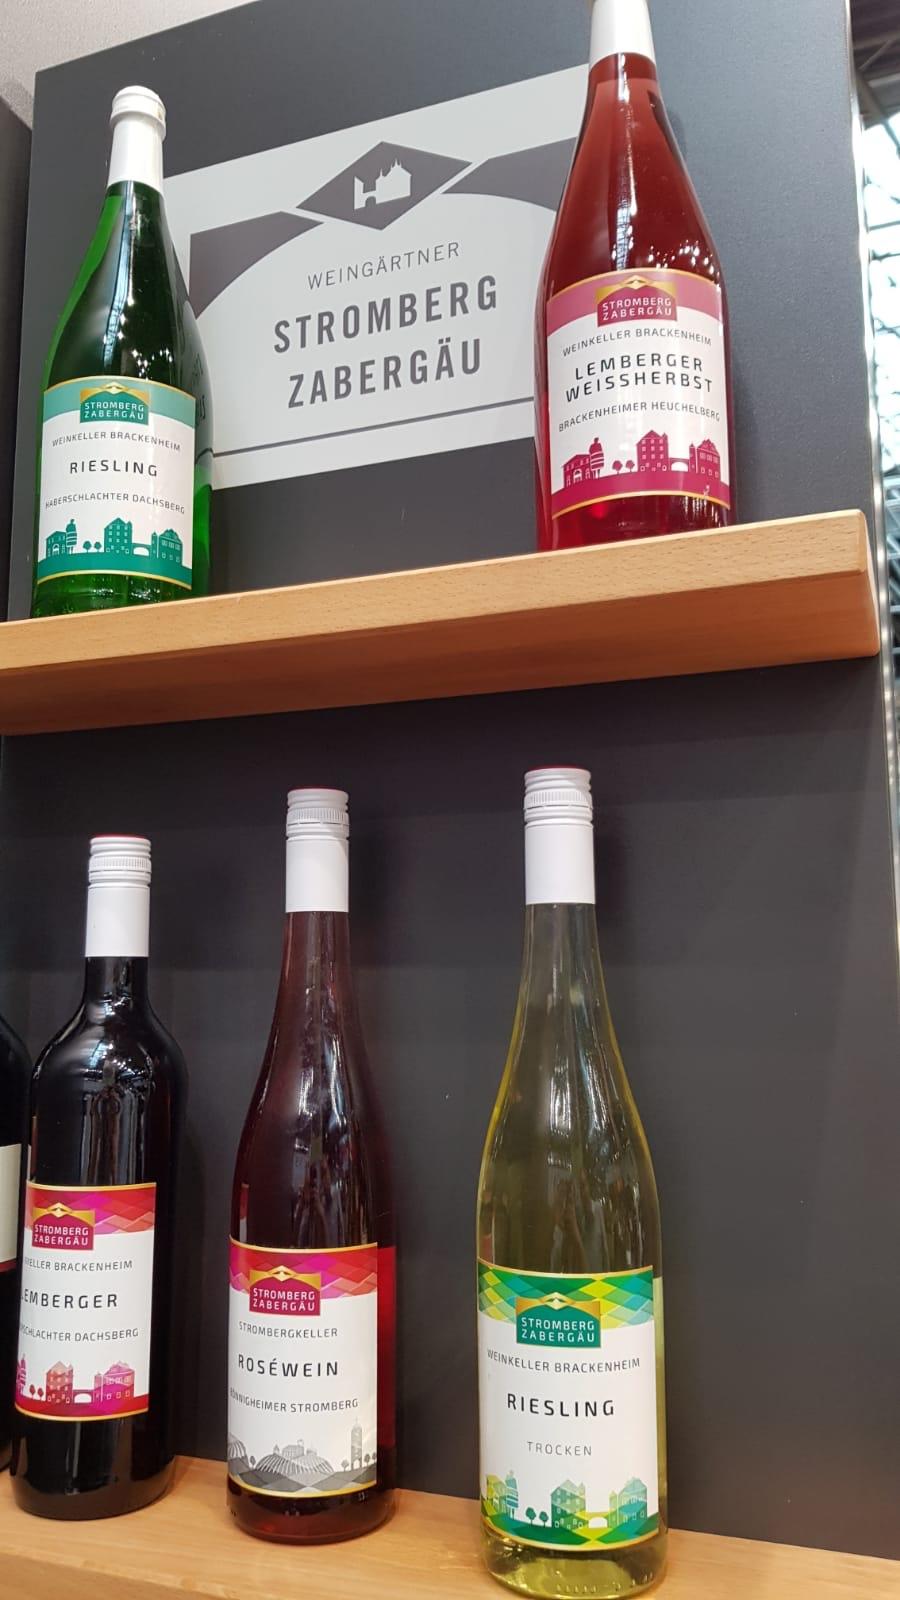 Teile der Weine der Weingärtner Stromberg-Zabergäu haben ein neues Etikett bekommen - hier sind ein paar davon zu sehen.